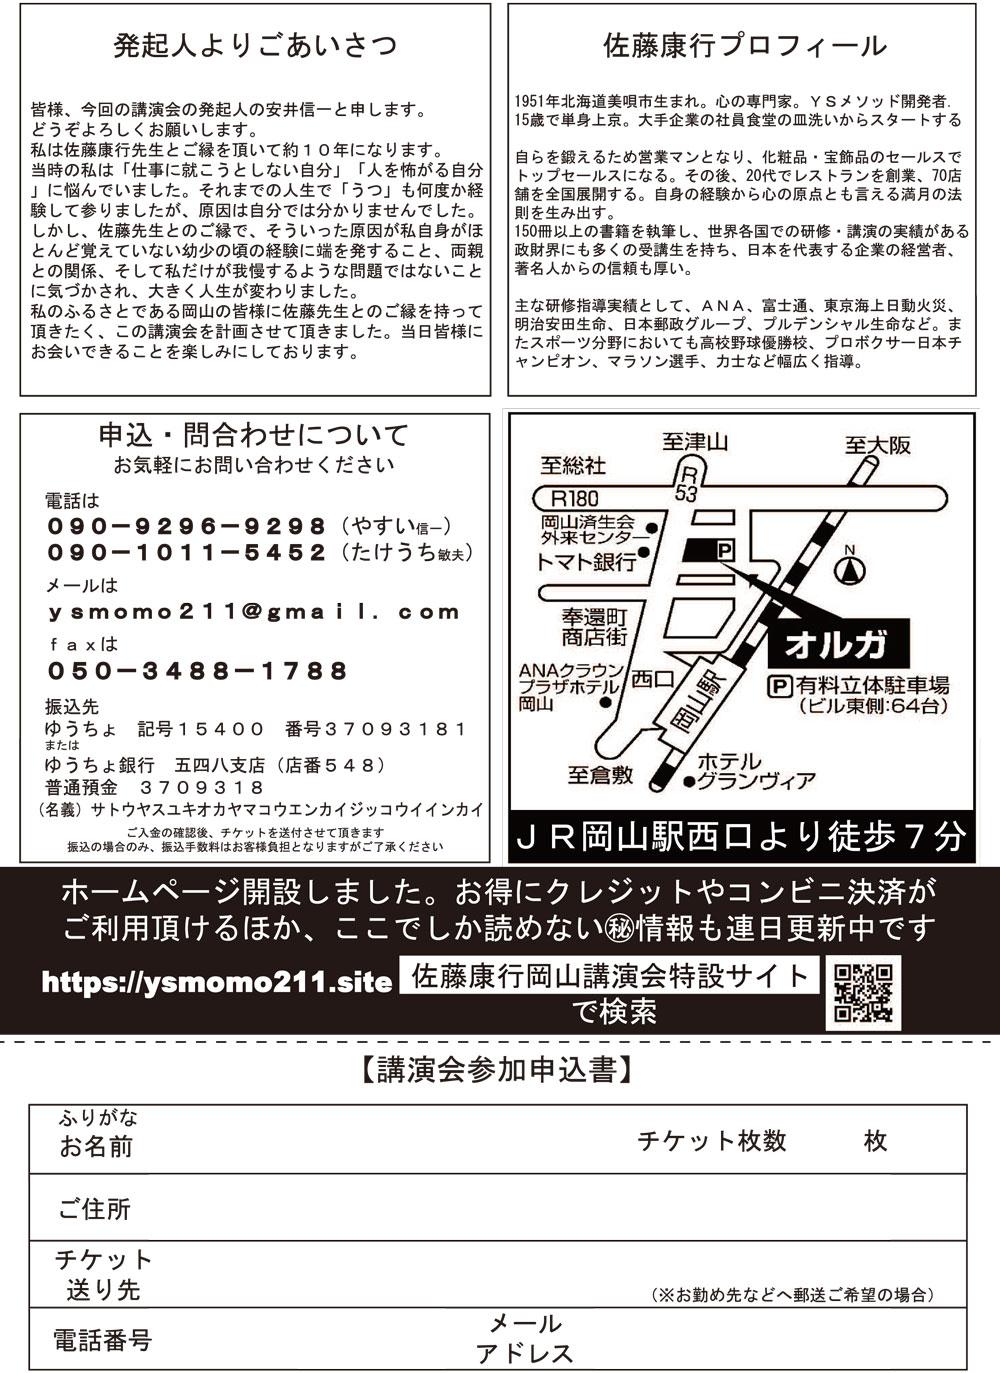 佐藤康行 岡山講演会